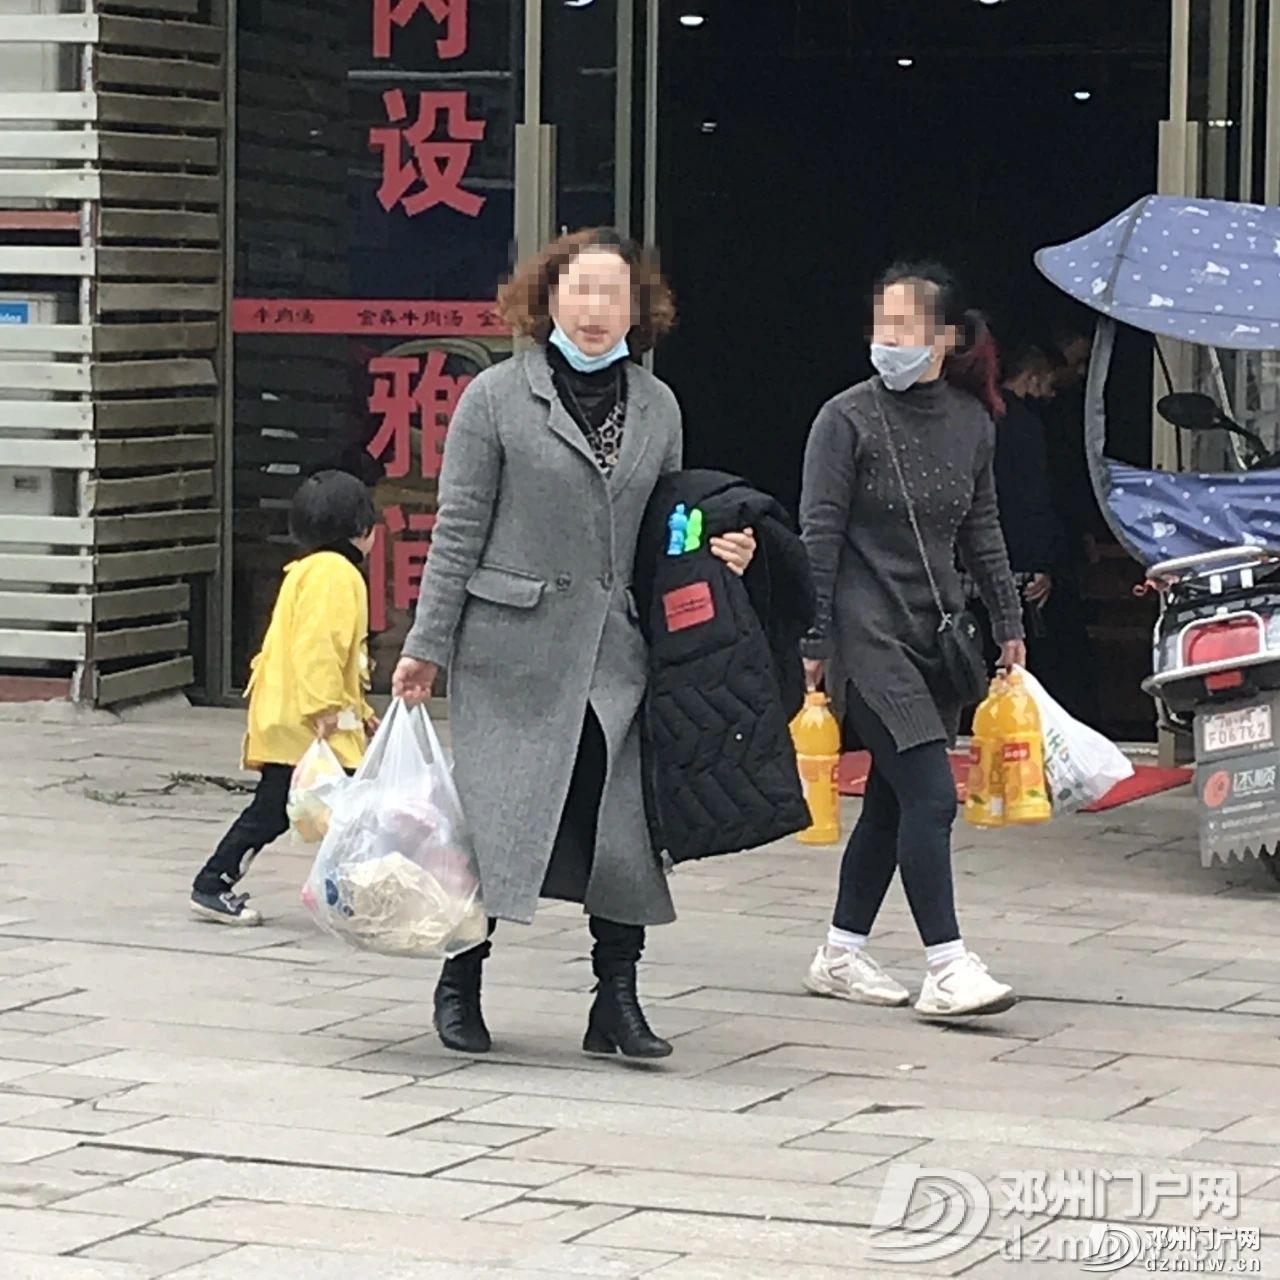 紧急提醒!邓州街头又热闹起来了,但是这些画面让人后怕.... - 邓州门户网|邓州网 - 3dc44ec0a329fb603b349ad340003193.jpg